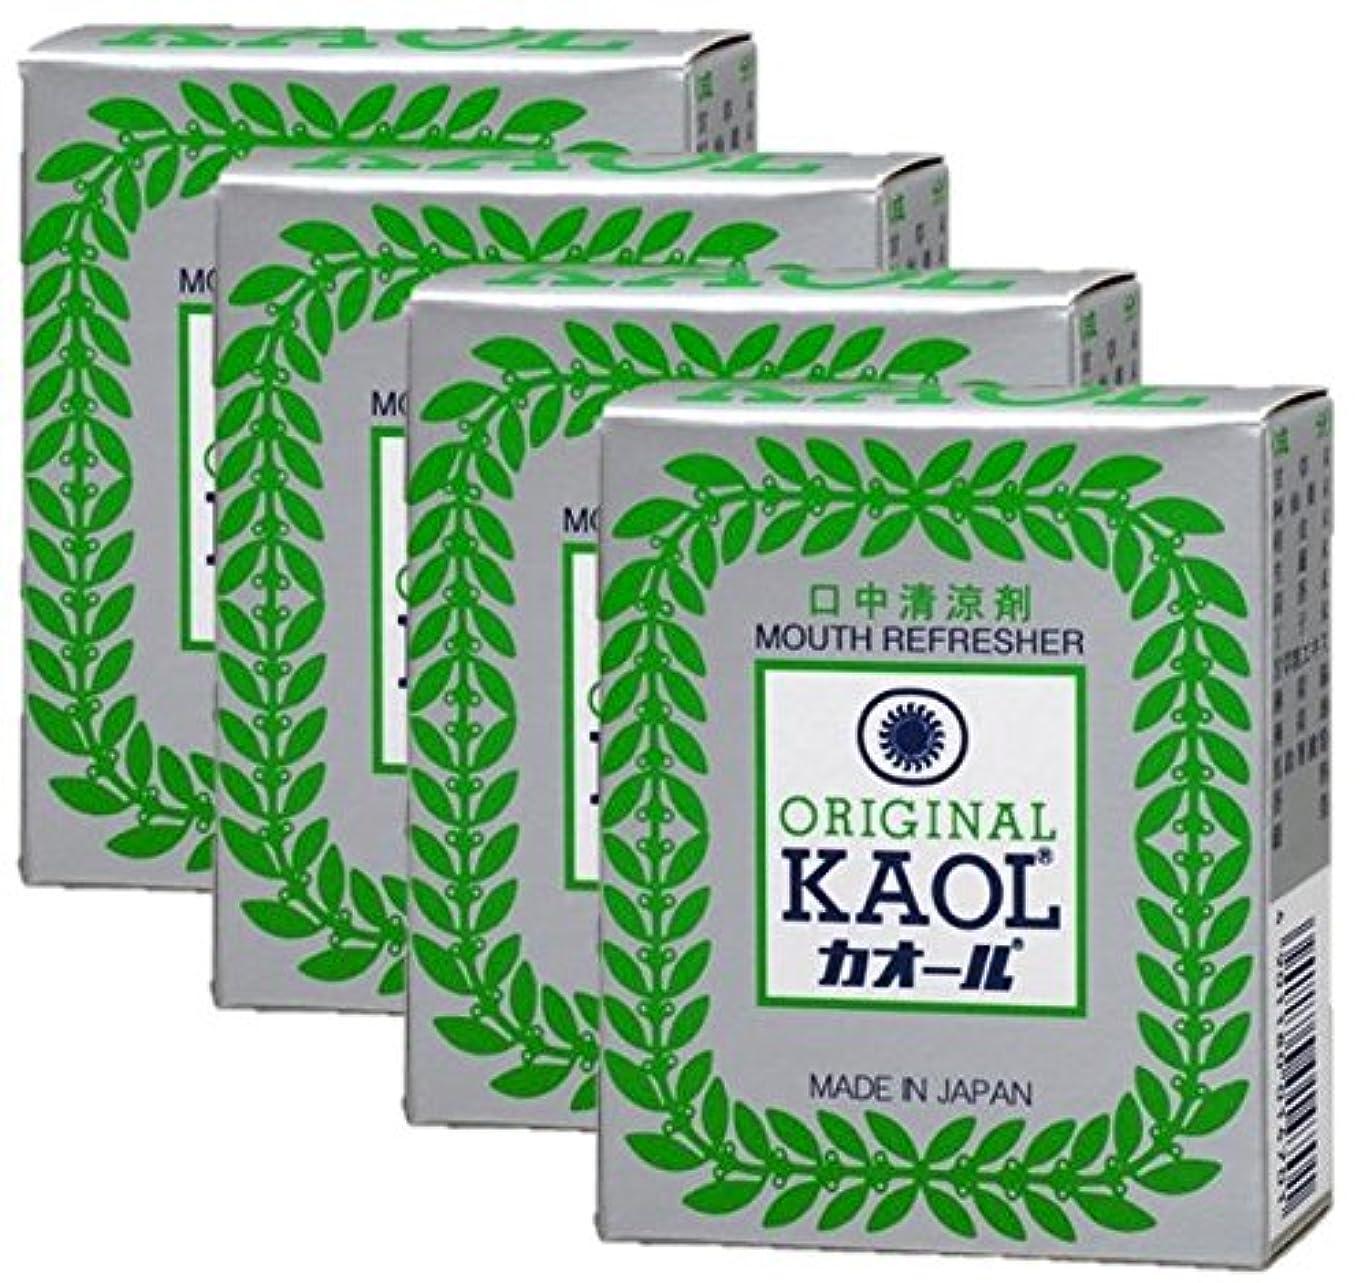 カール不足グリット口中清涼剤 オリヂナル カオール 14.5g×4個セット